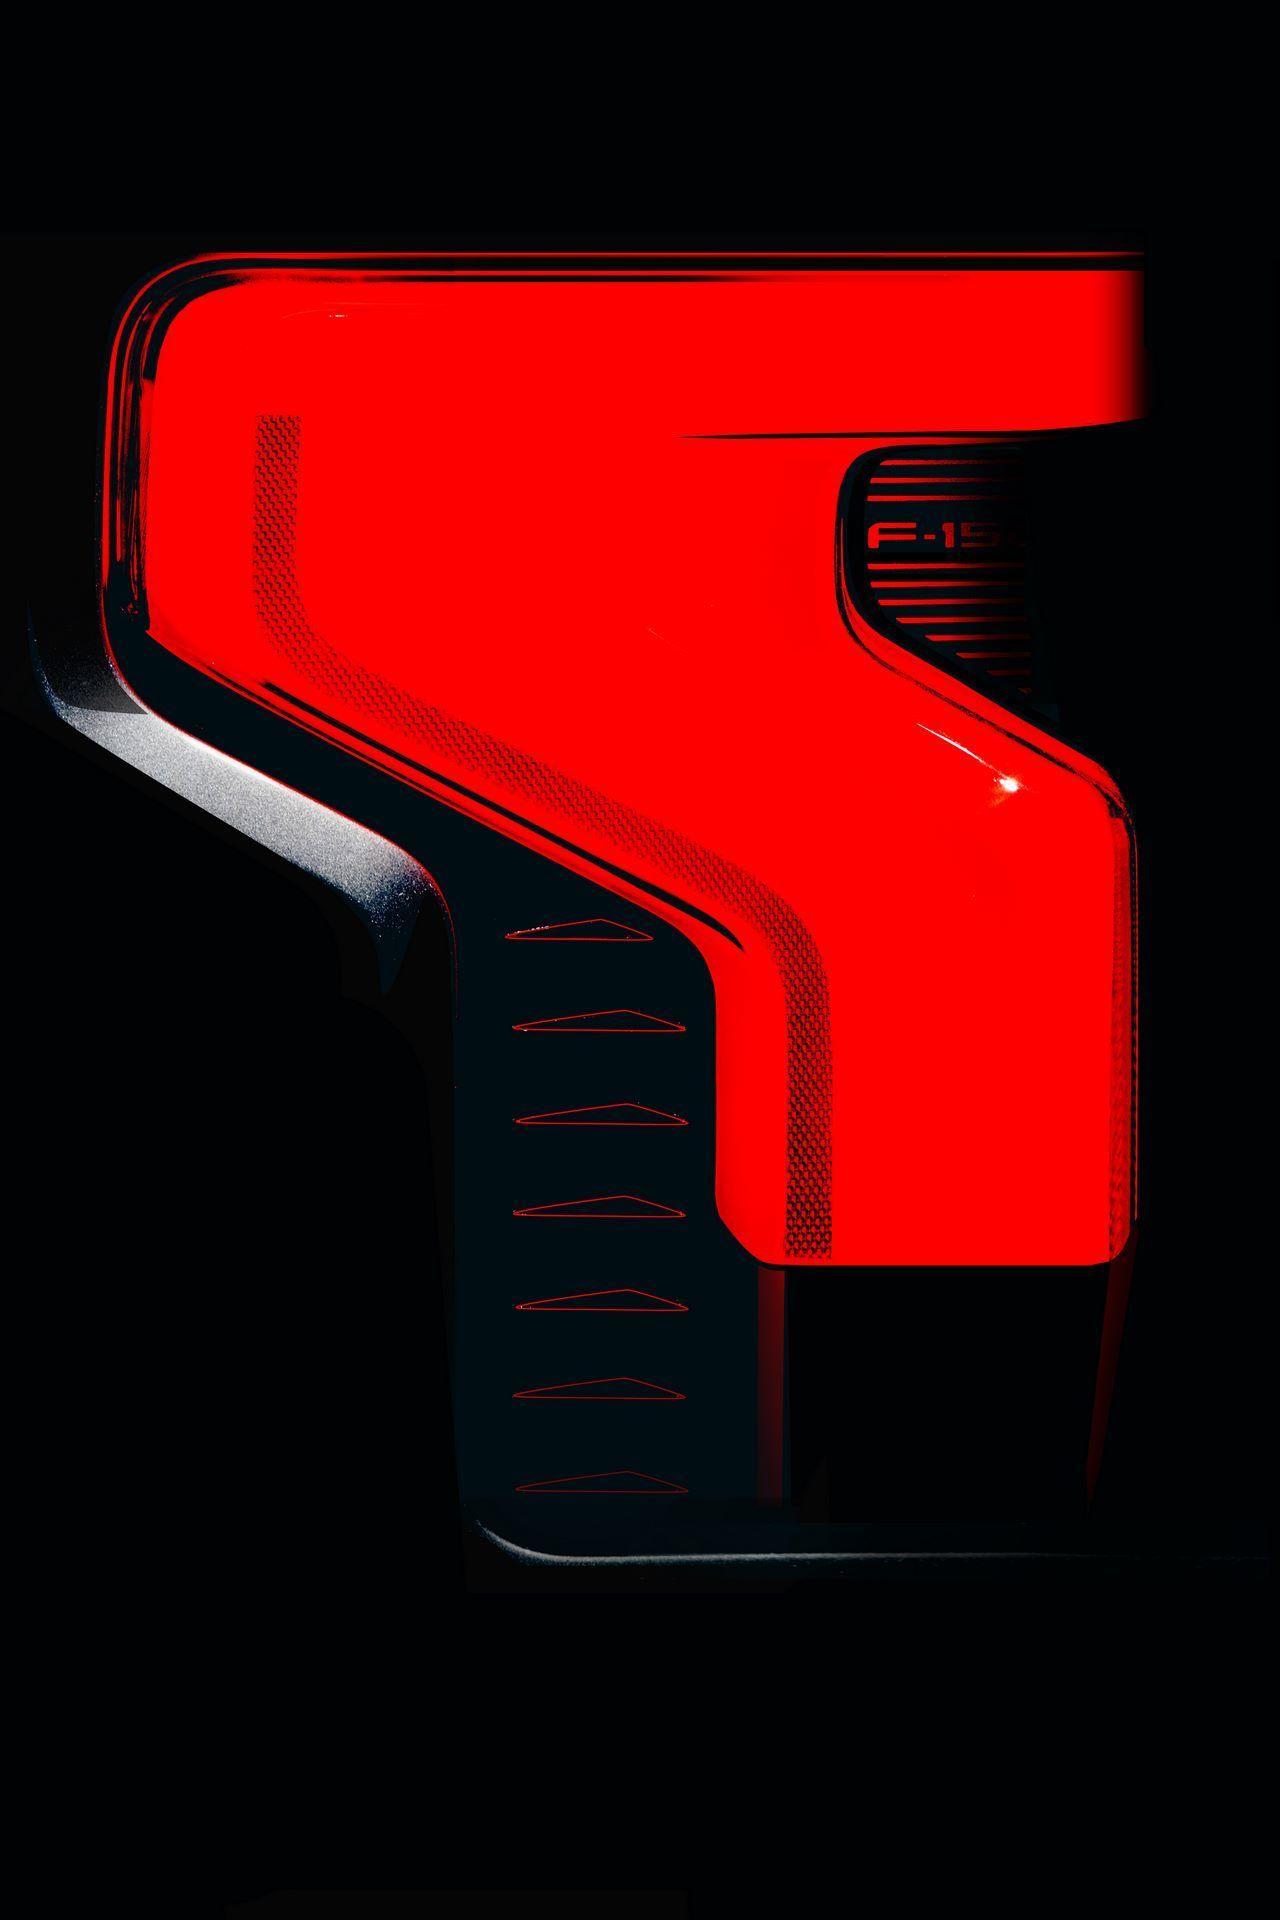 F-150 Lightning Taillamp Sketch 1